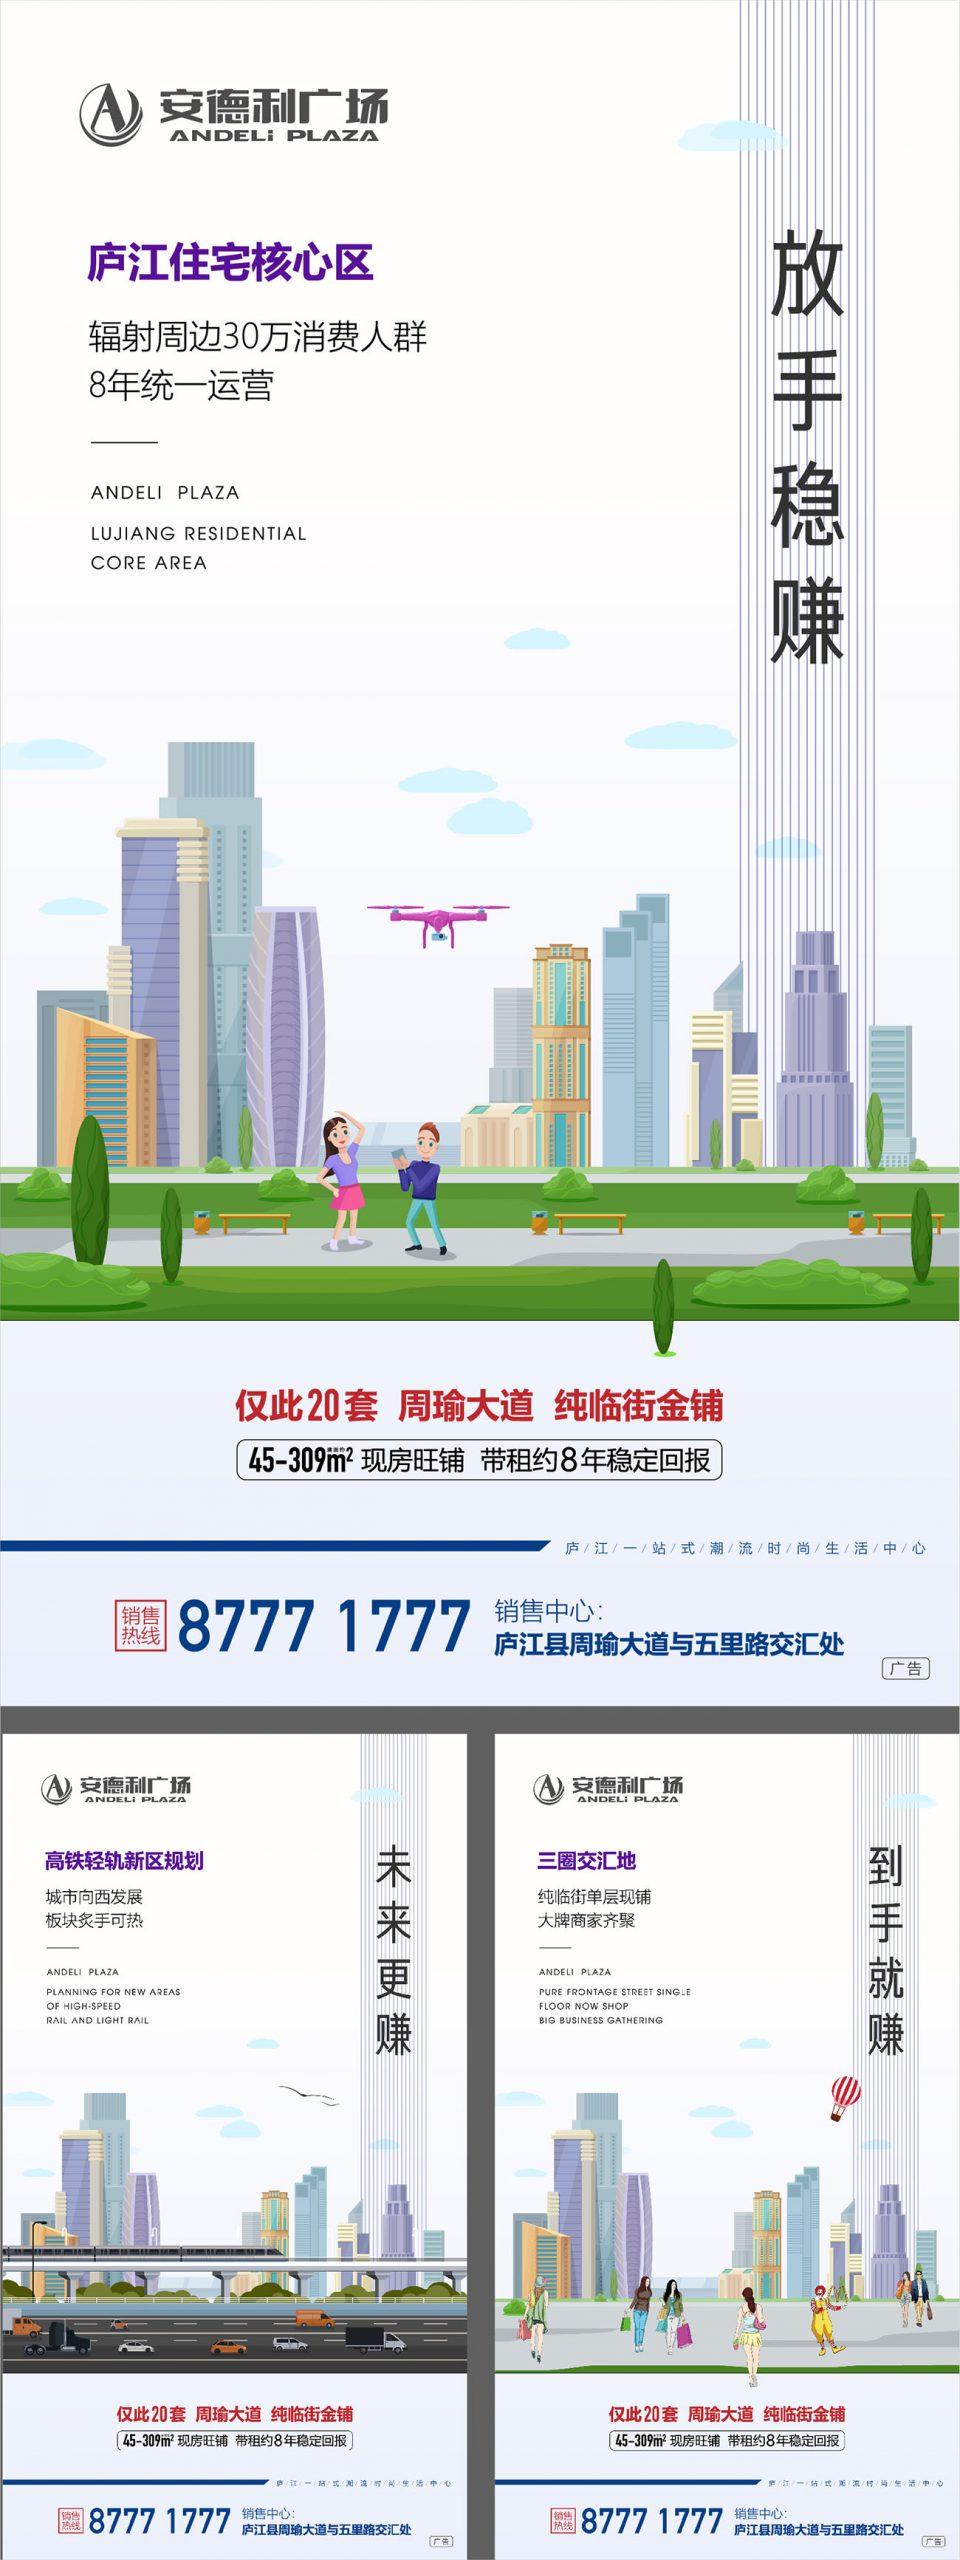 矢量城市高铁商业地产移动端海报系列AI源文件插图